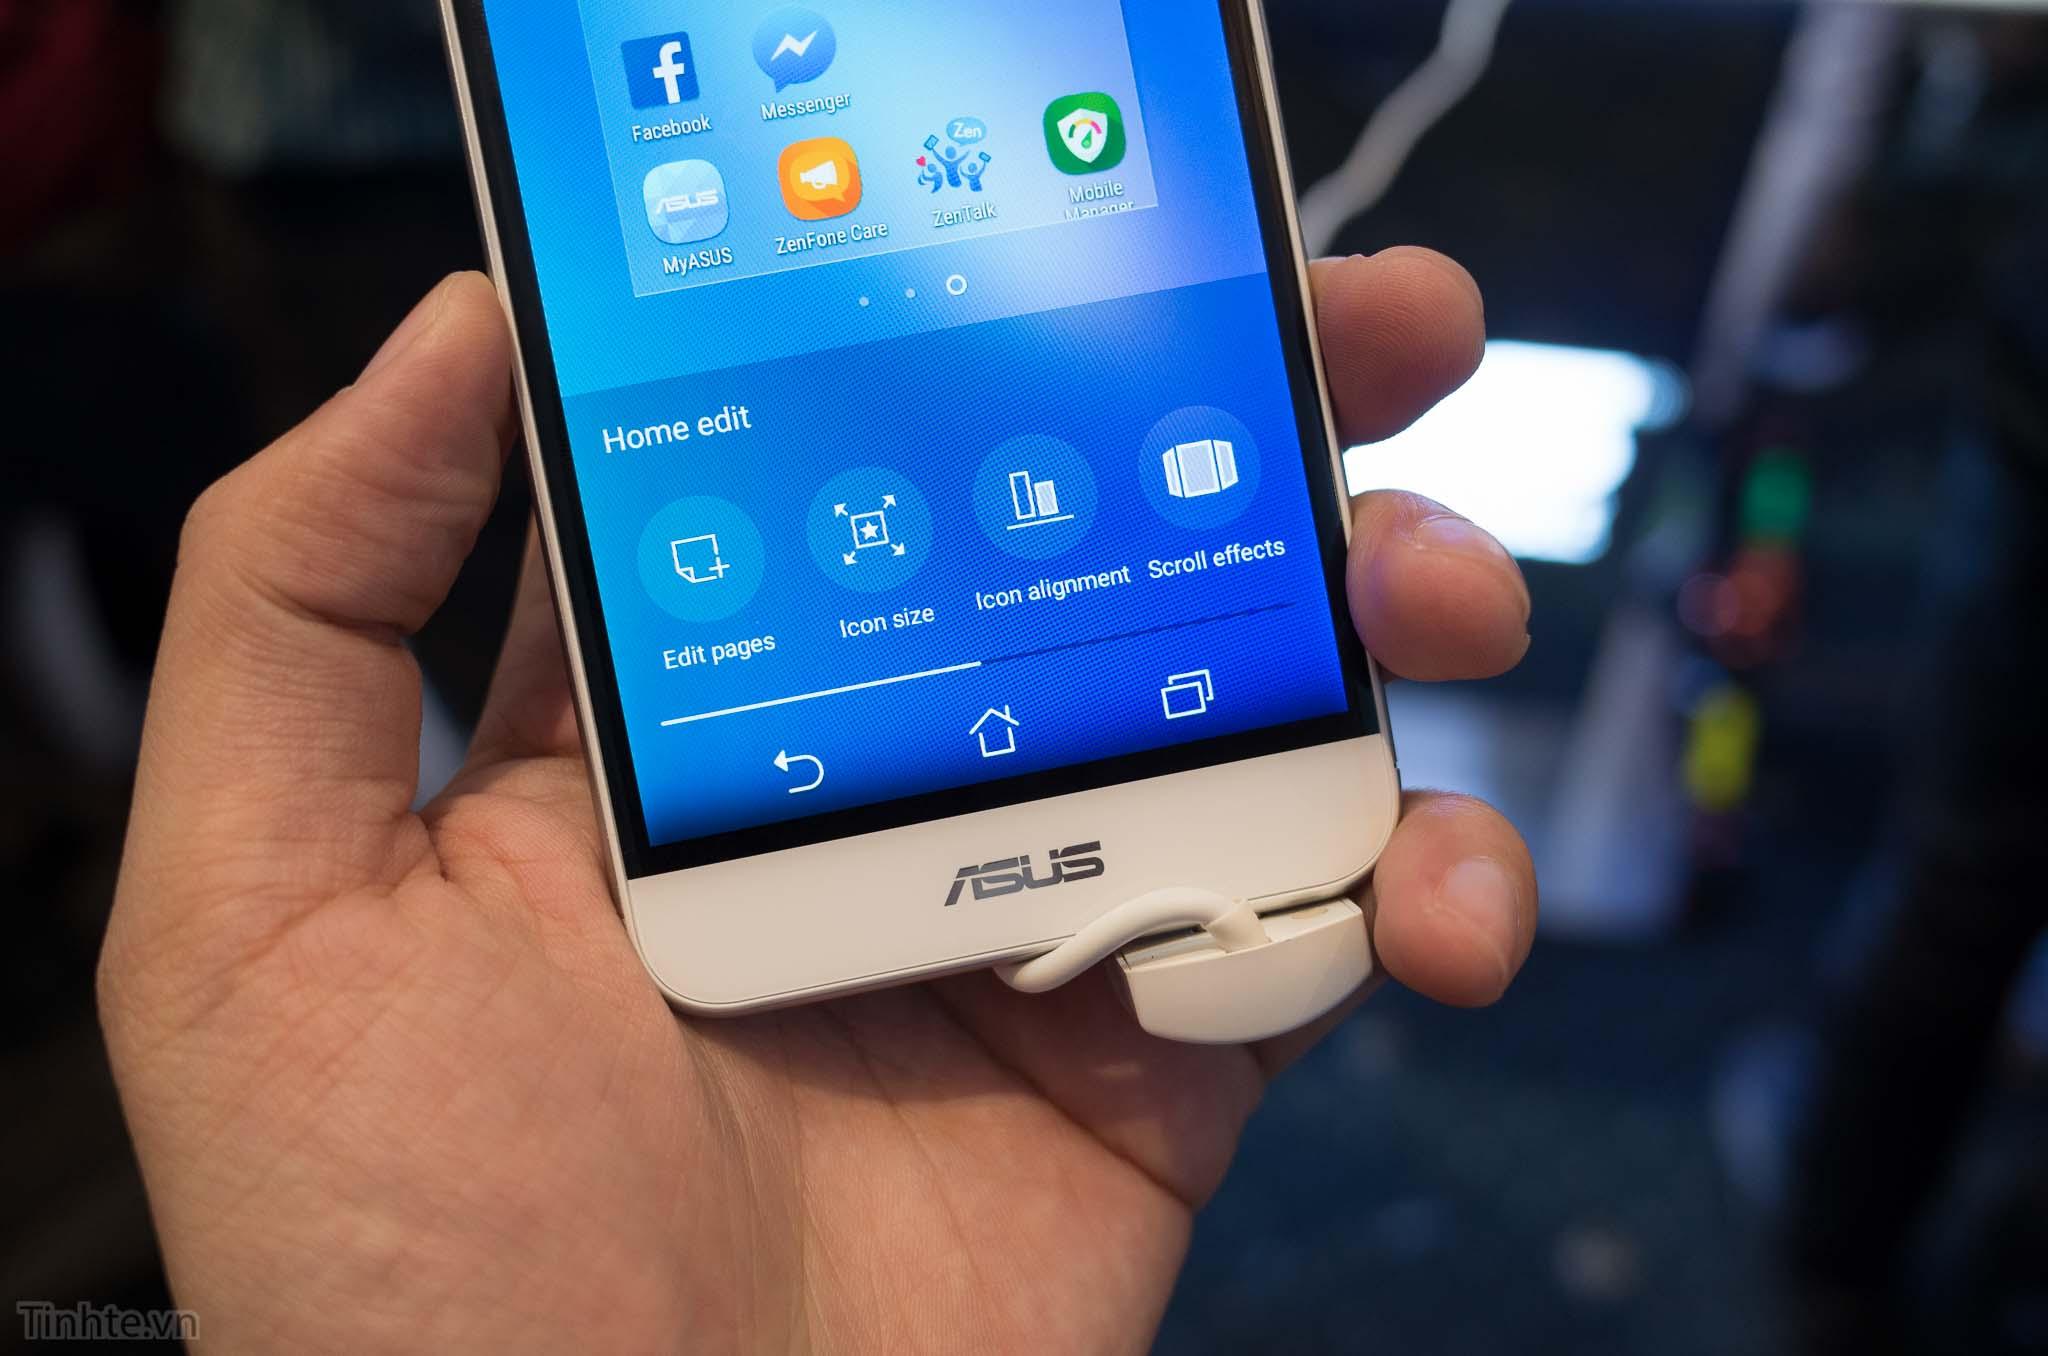 Đánh giá Asus Zenfone 3 Max: Sản phẩm rẻ nhất trong dòng Zenfone 3, chỉ 4.490.000 đồng